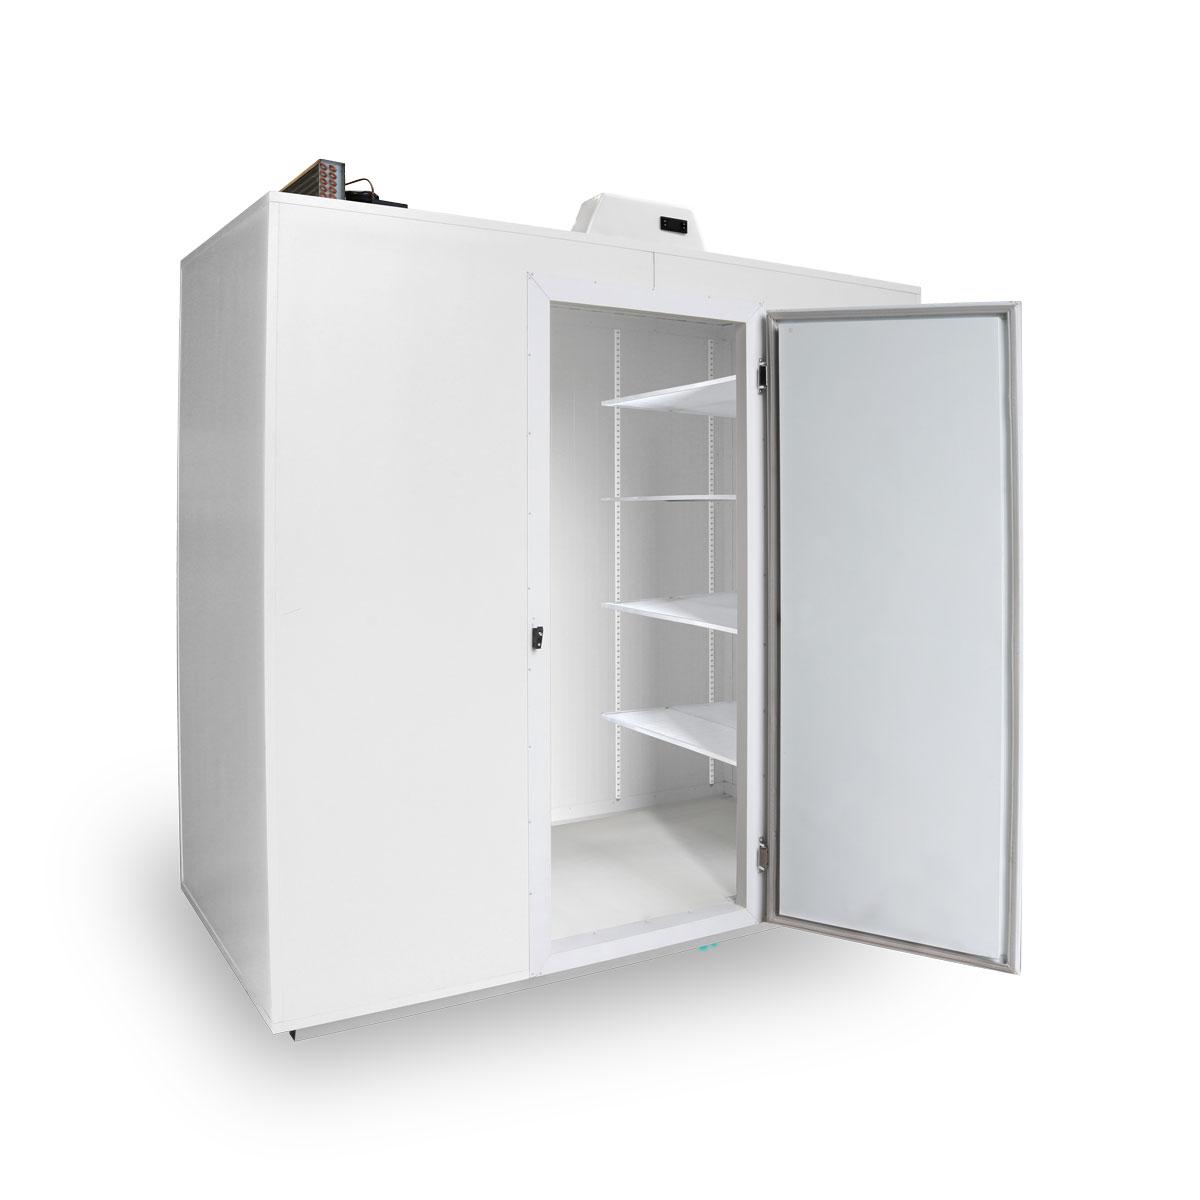 Minicâmara de Painéis Modulares Multi 40 Caixas